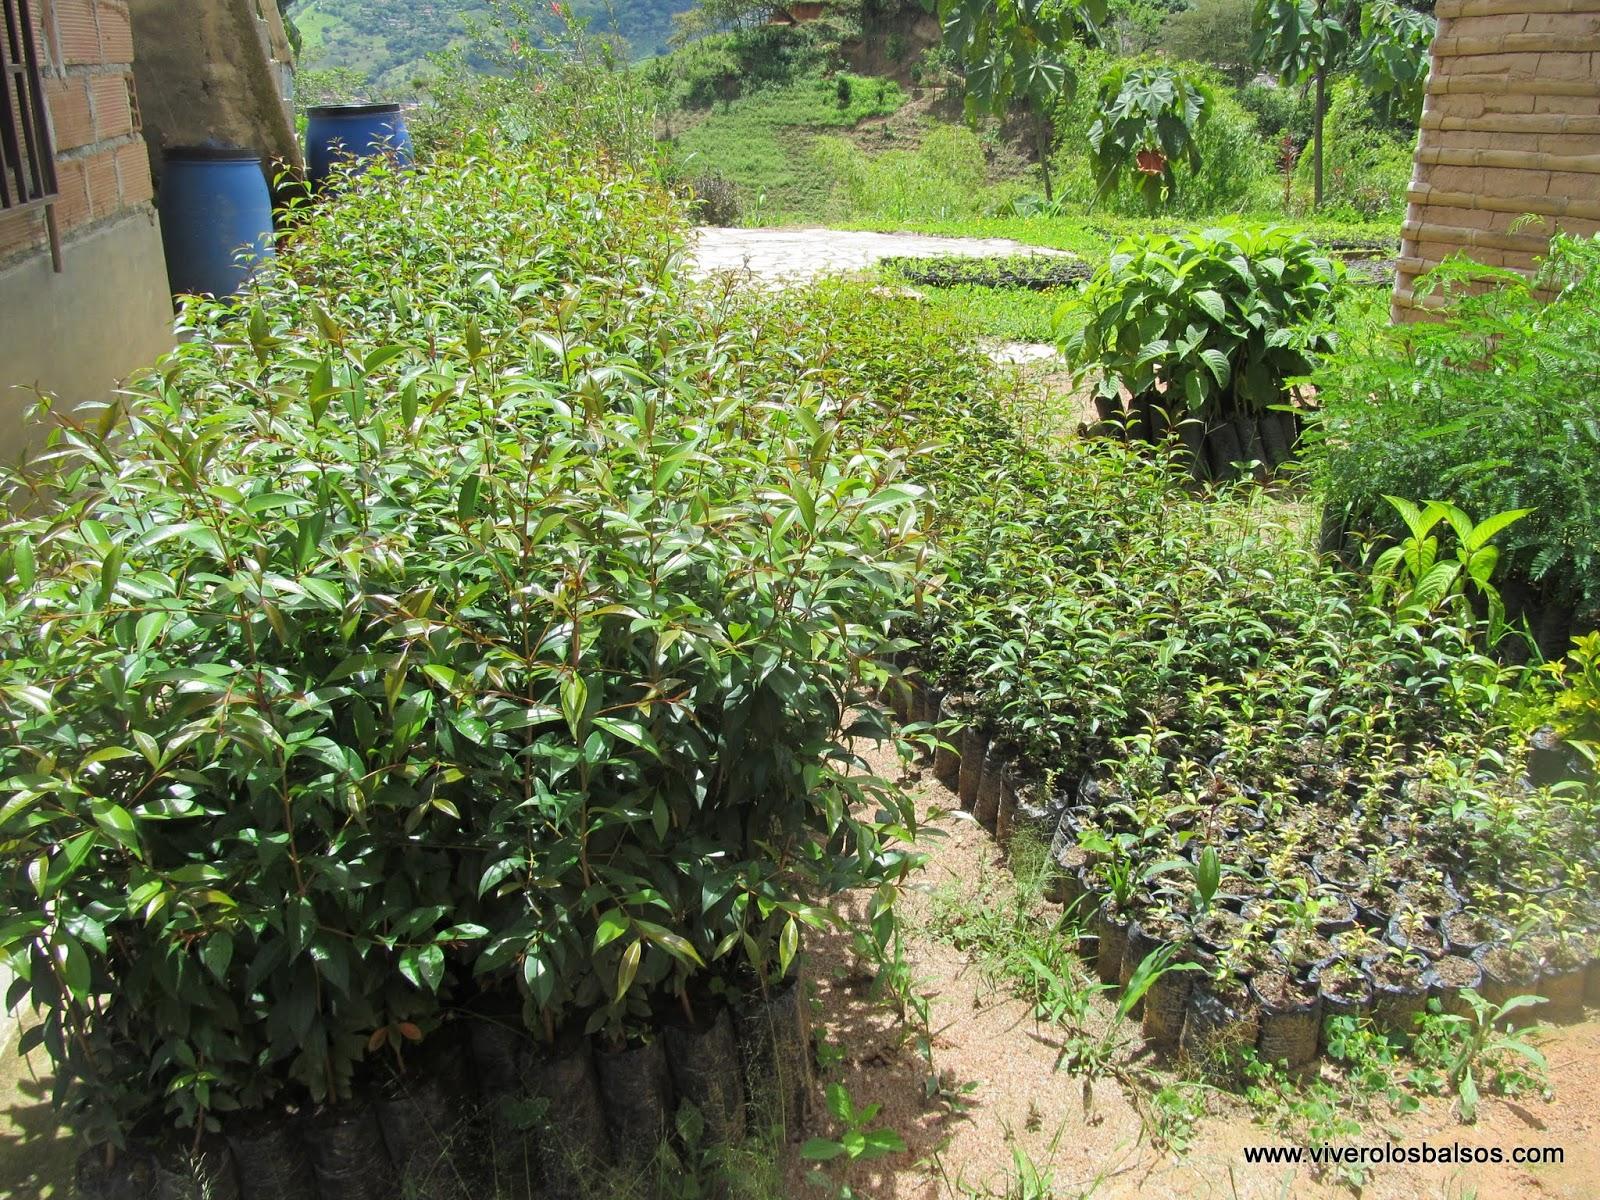 Vivero los balsos venta de semilla o plantulas de arbol for Viveros medellin